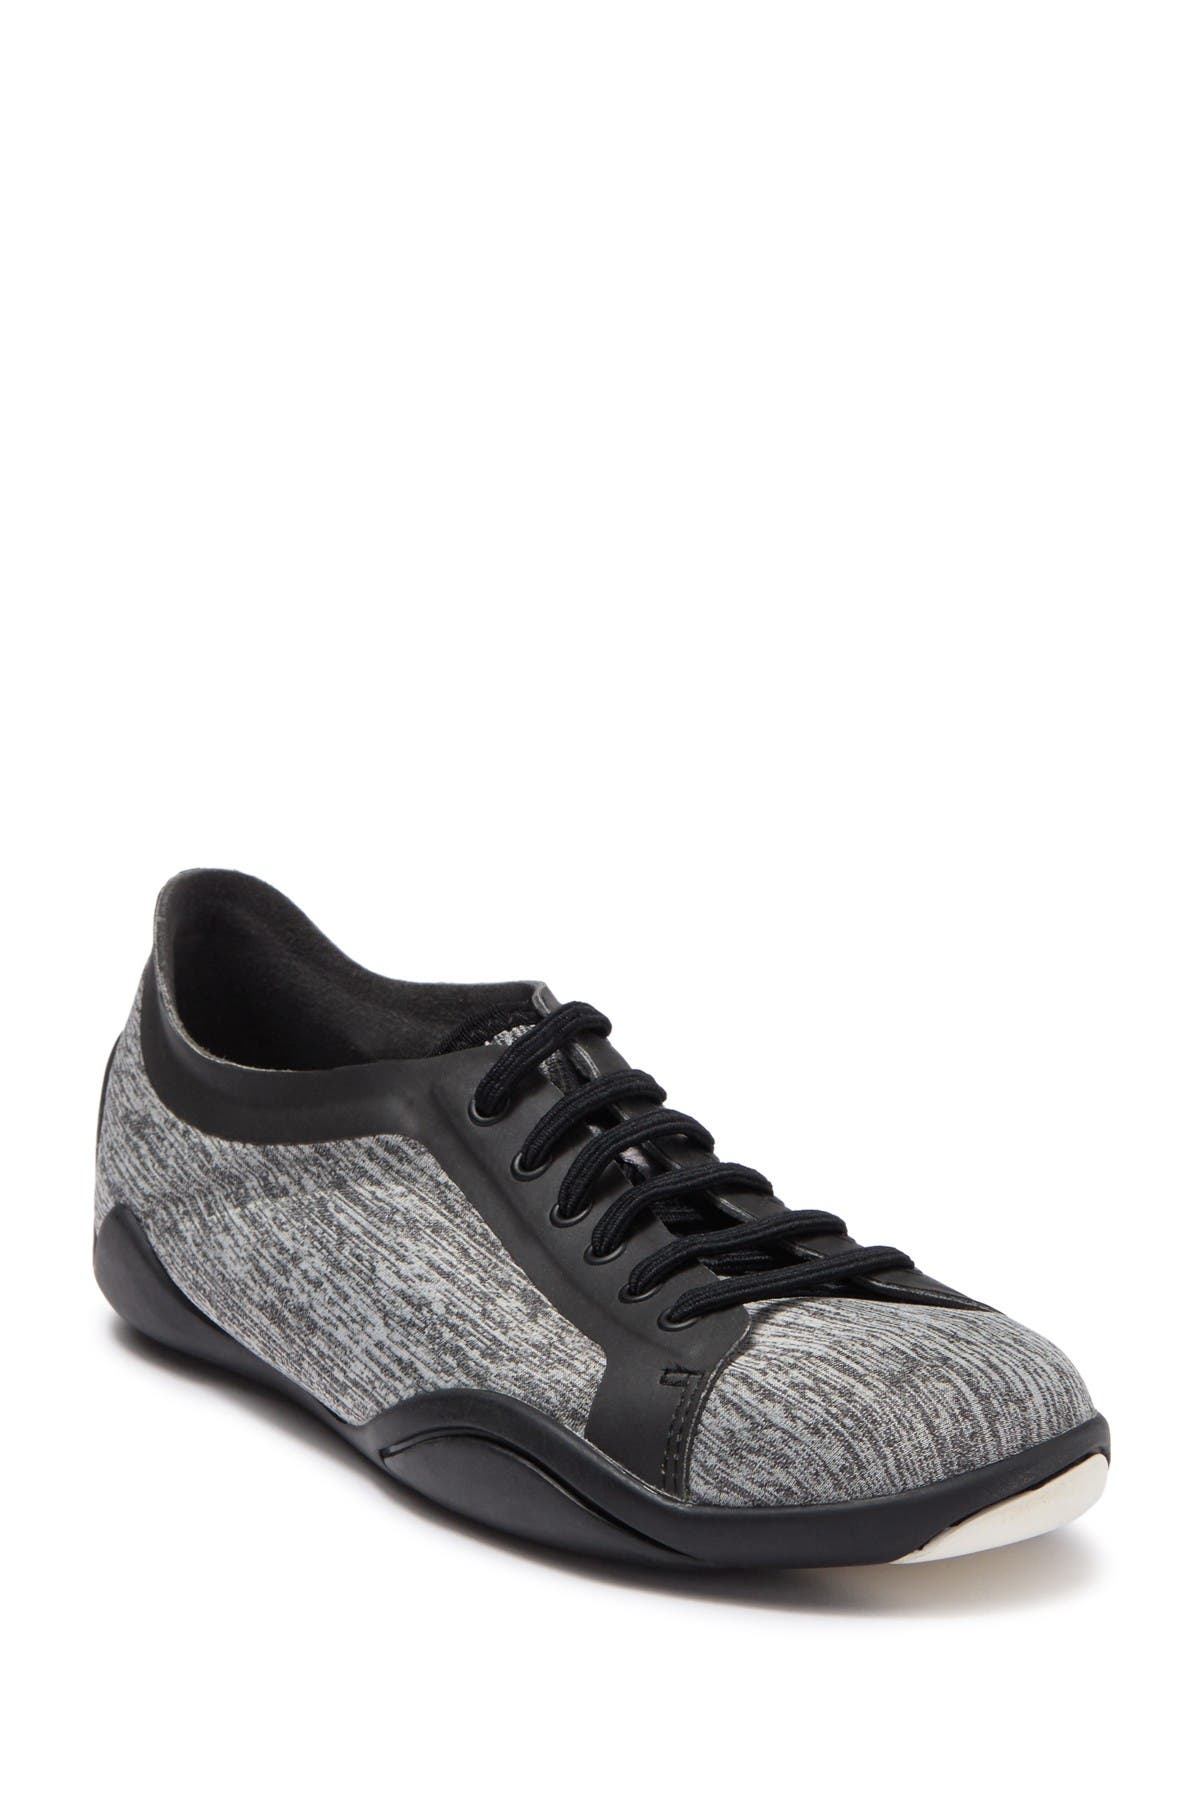 Image of CAMPER Noshu Sneaker